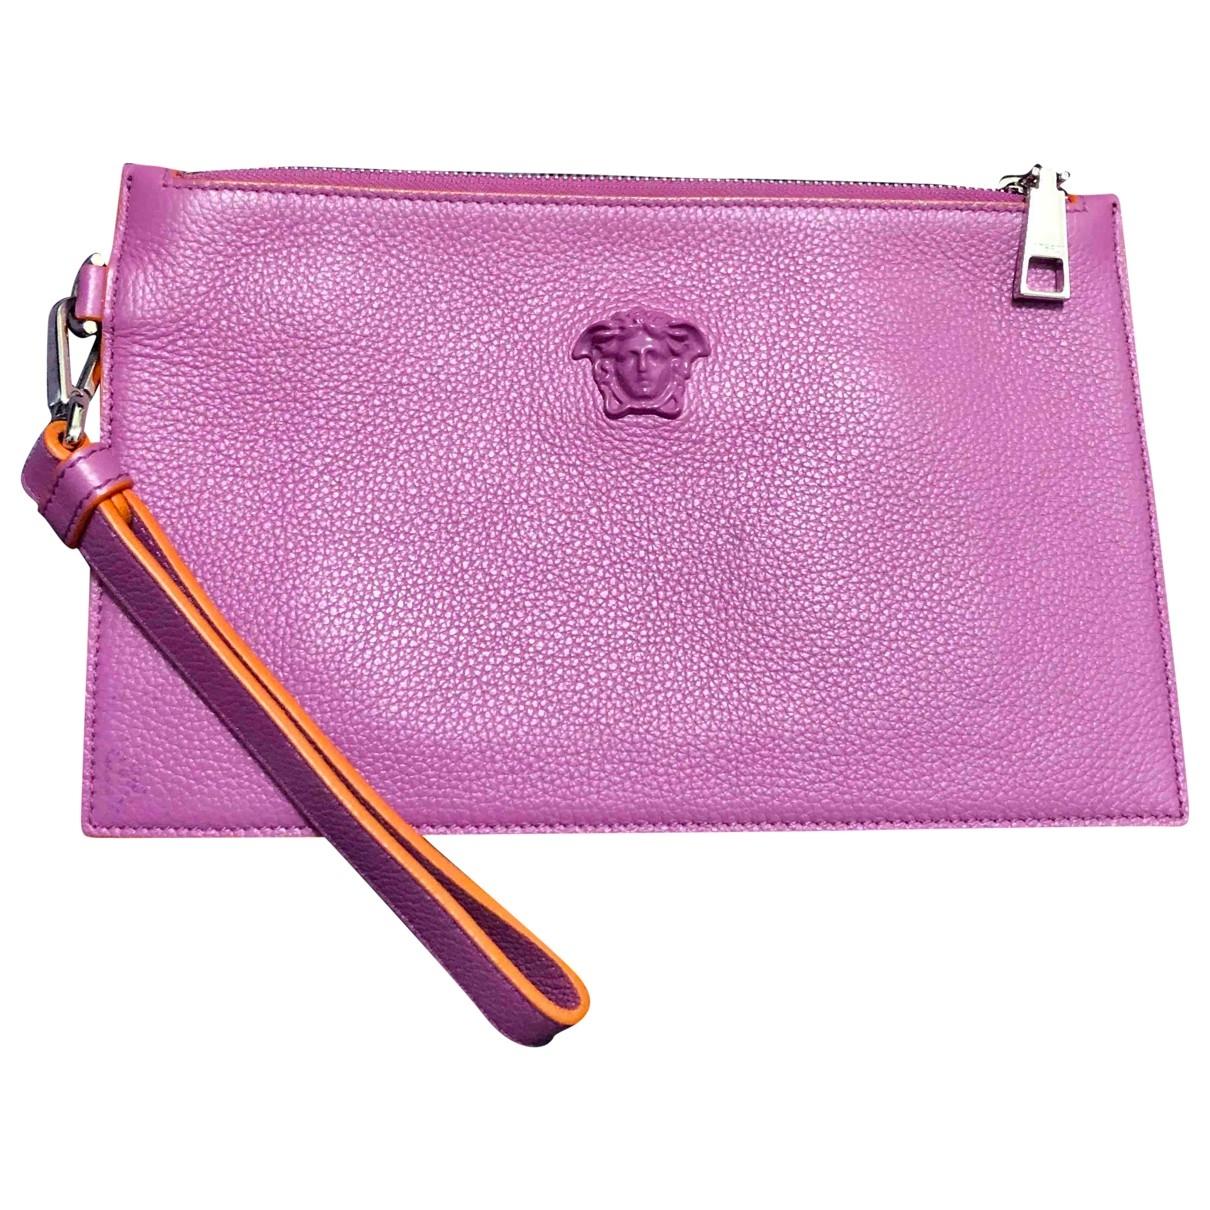 Versace - Pochette   pour femme en cuir - rose